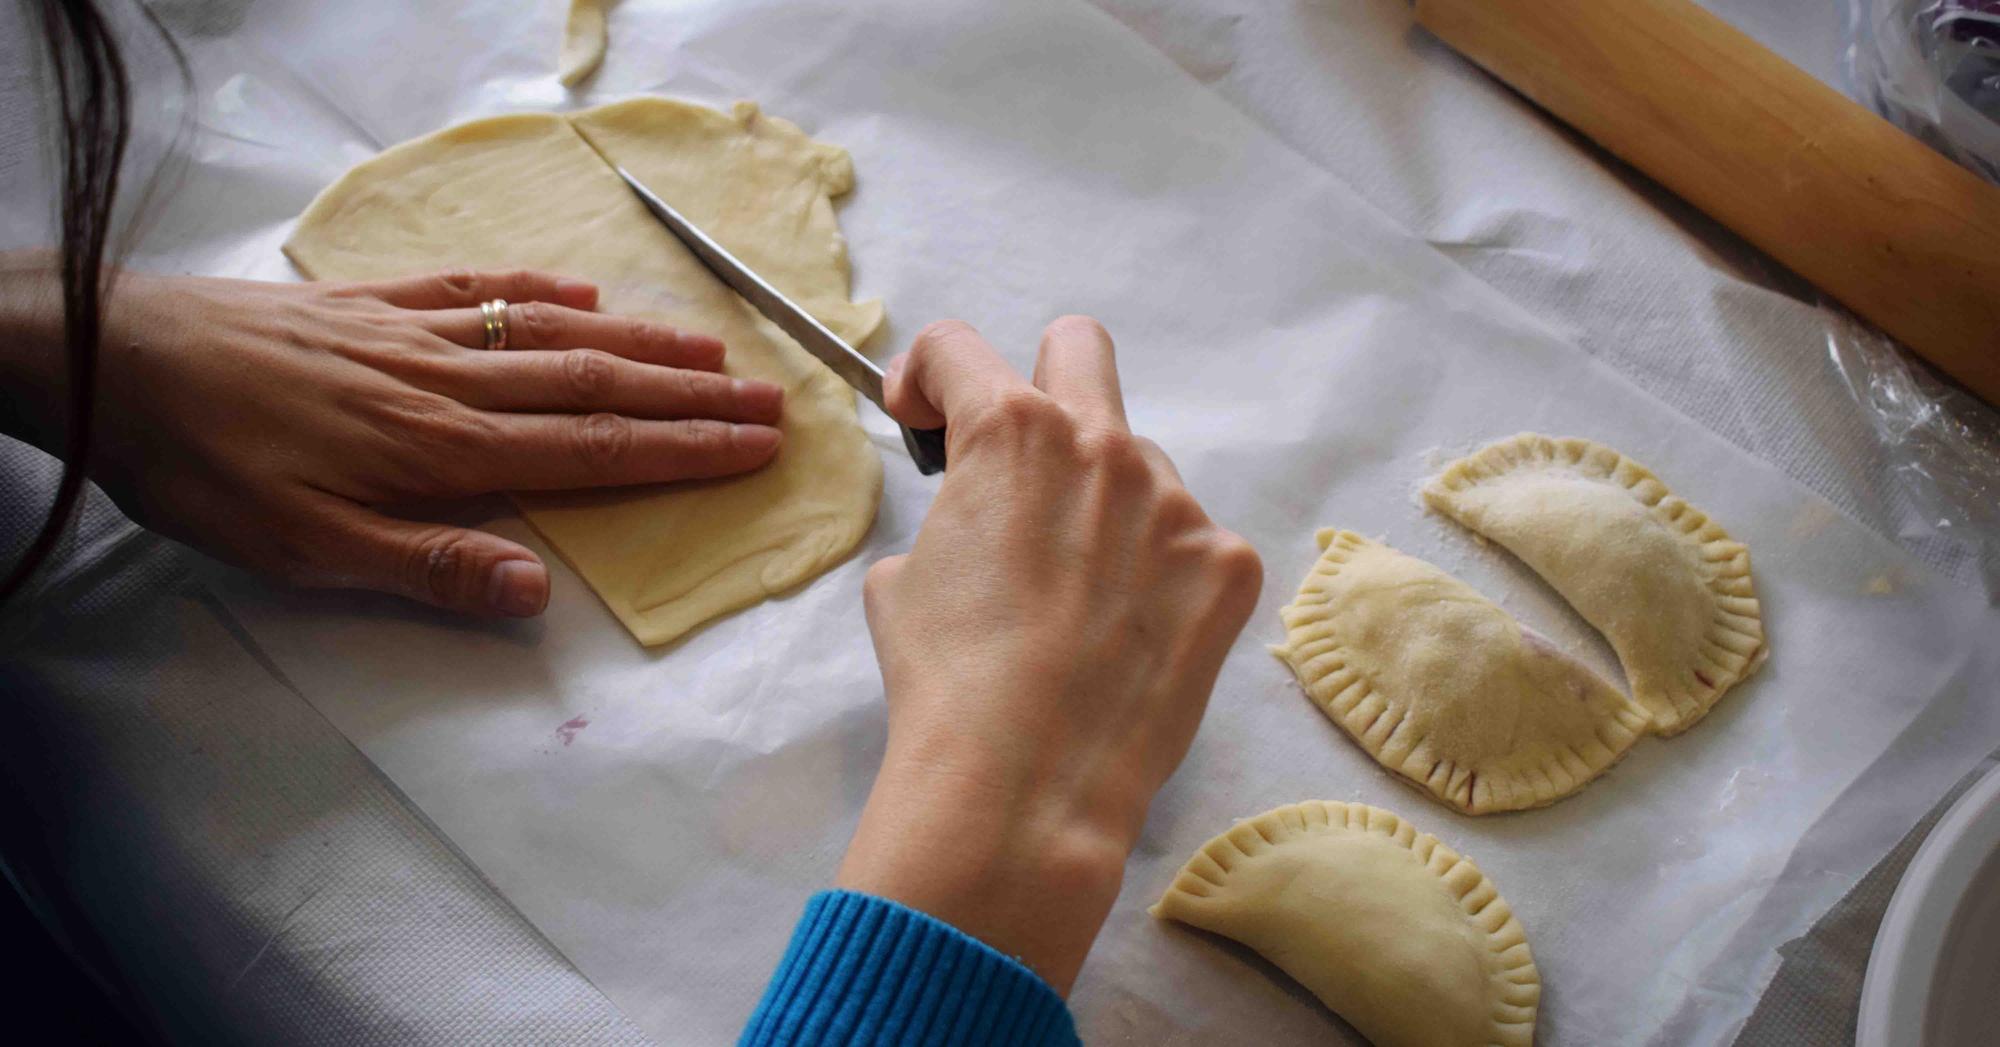 Cooking class. Photograph via Unsplash.